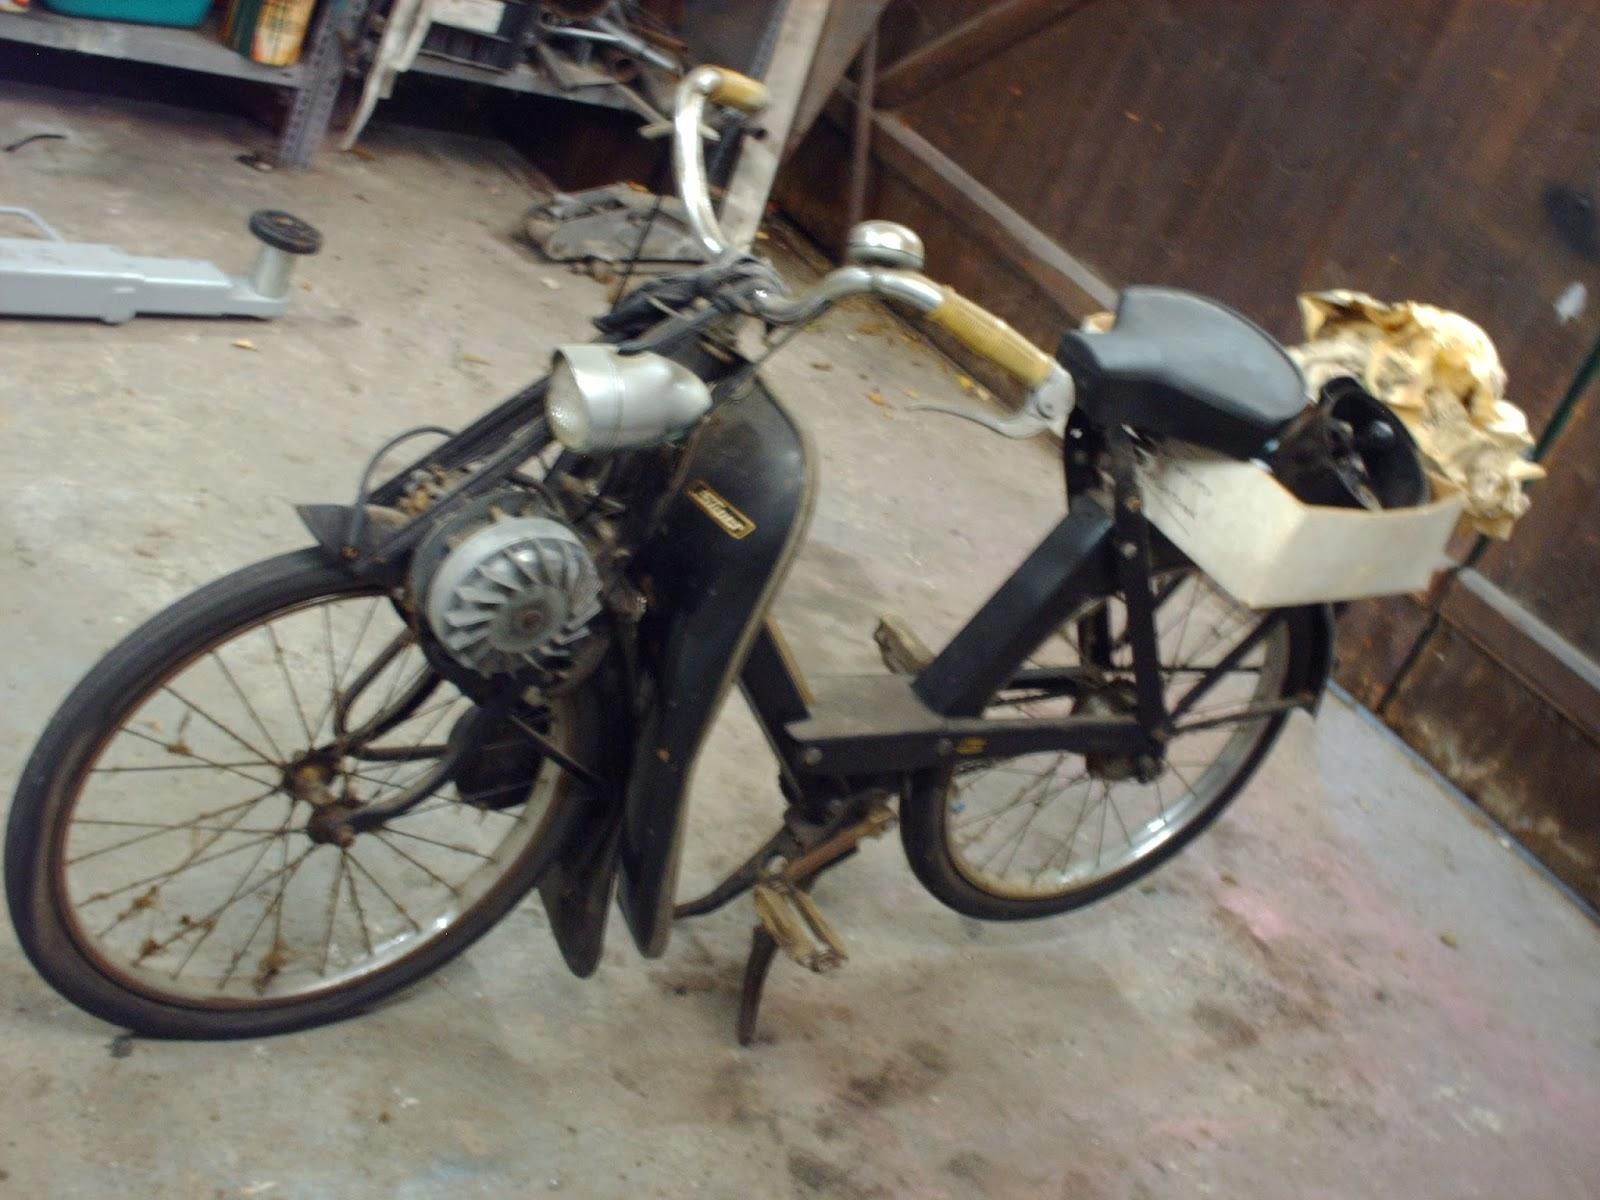 mopedmuffel velo solex fahrrad mit hilfsmotor ein. Black Bedroom Furniture Sets. Home Design Ideas